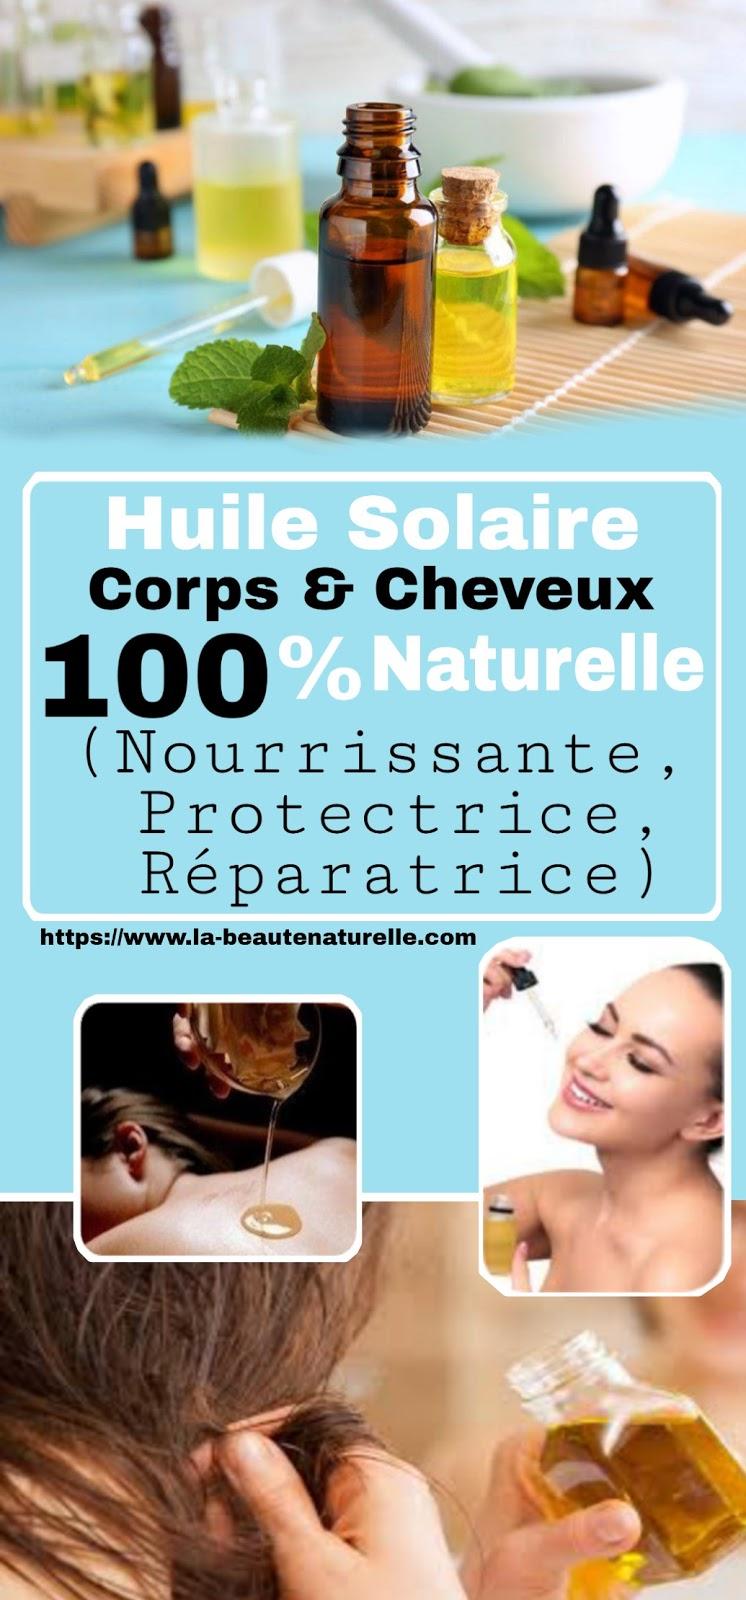 Huile Solaire Corps & Cheveux 100% Naturelle (Nourrissante, Protectrice, Réparatrice)